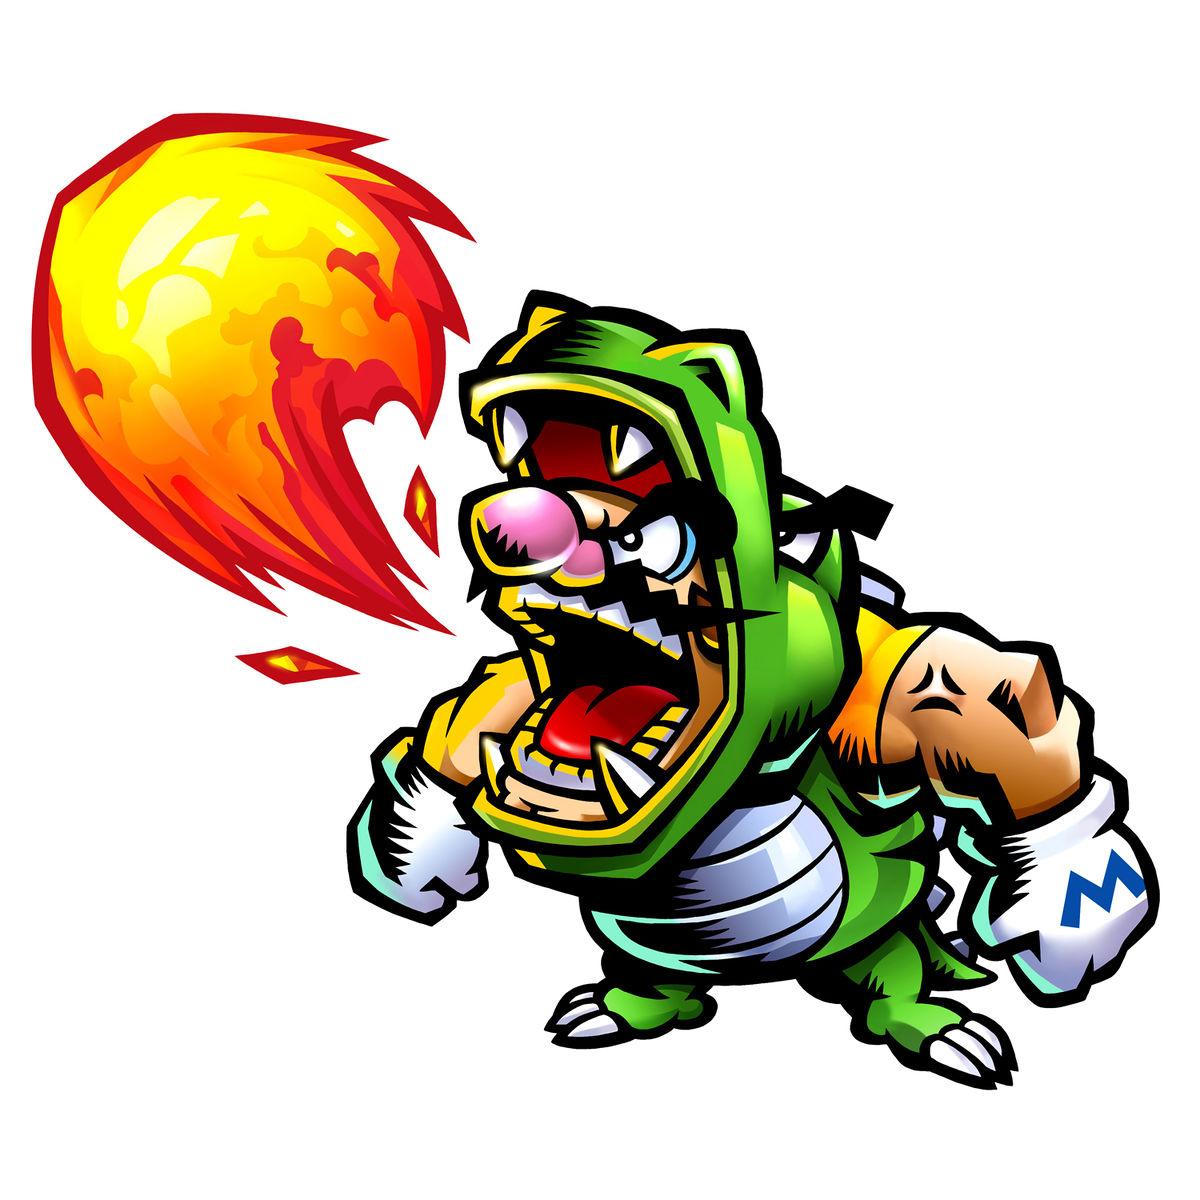 Captain Wario (Game & Wario) - Super Mario Wiki, the Mario